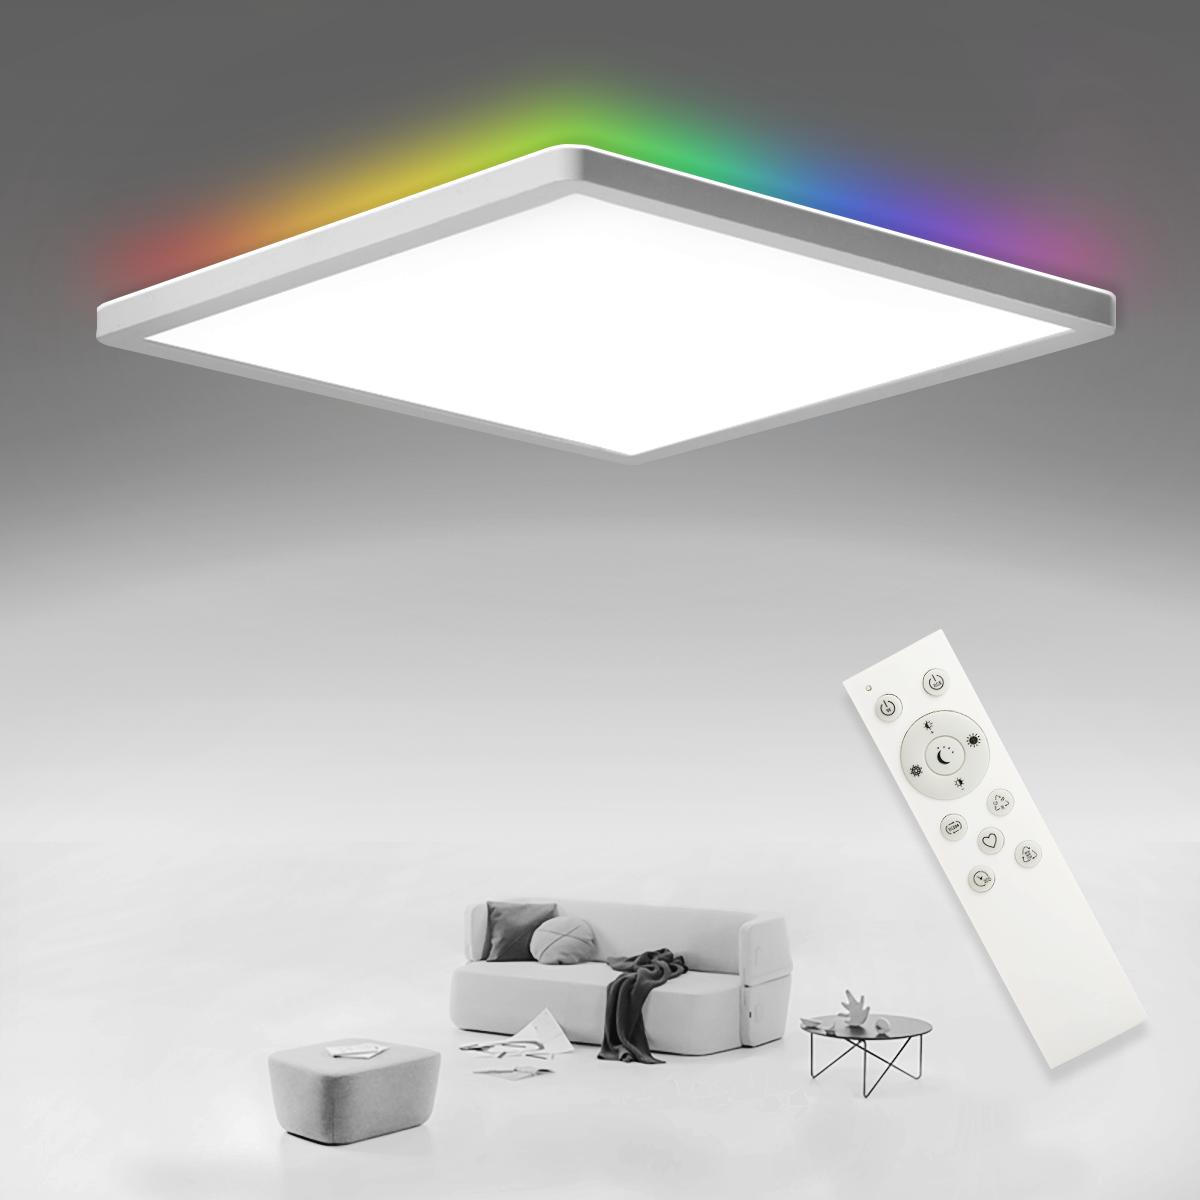 SHILOOK LED Deckenleuchte Flach Dimmbar mit Fernbedienung, 20W ...